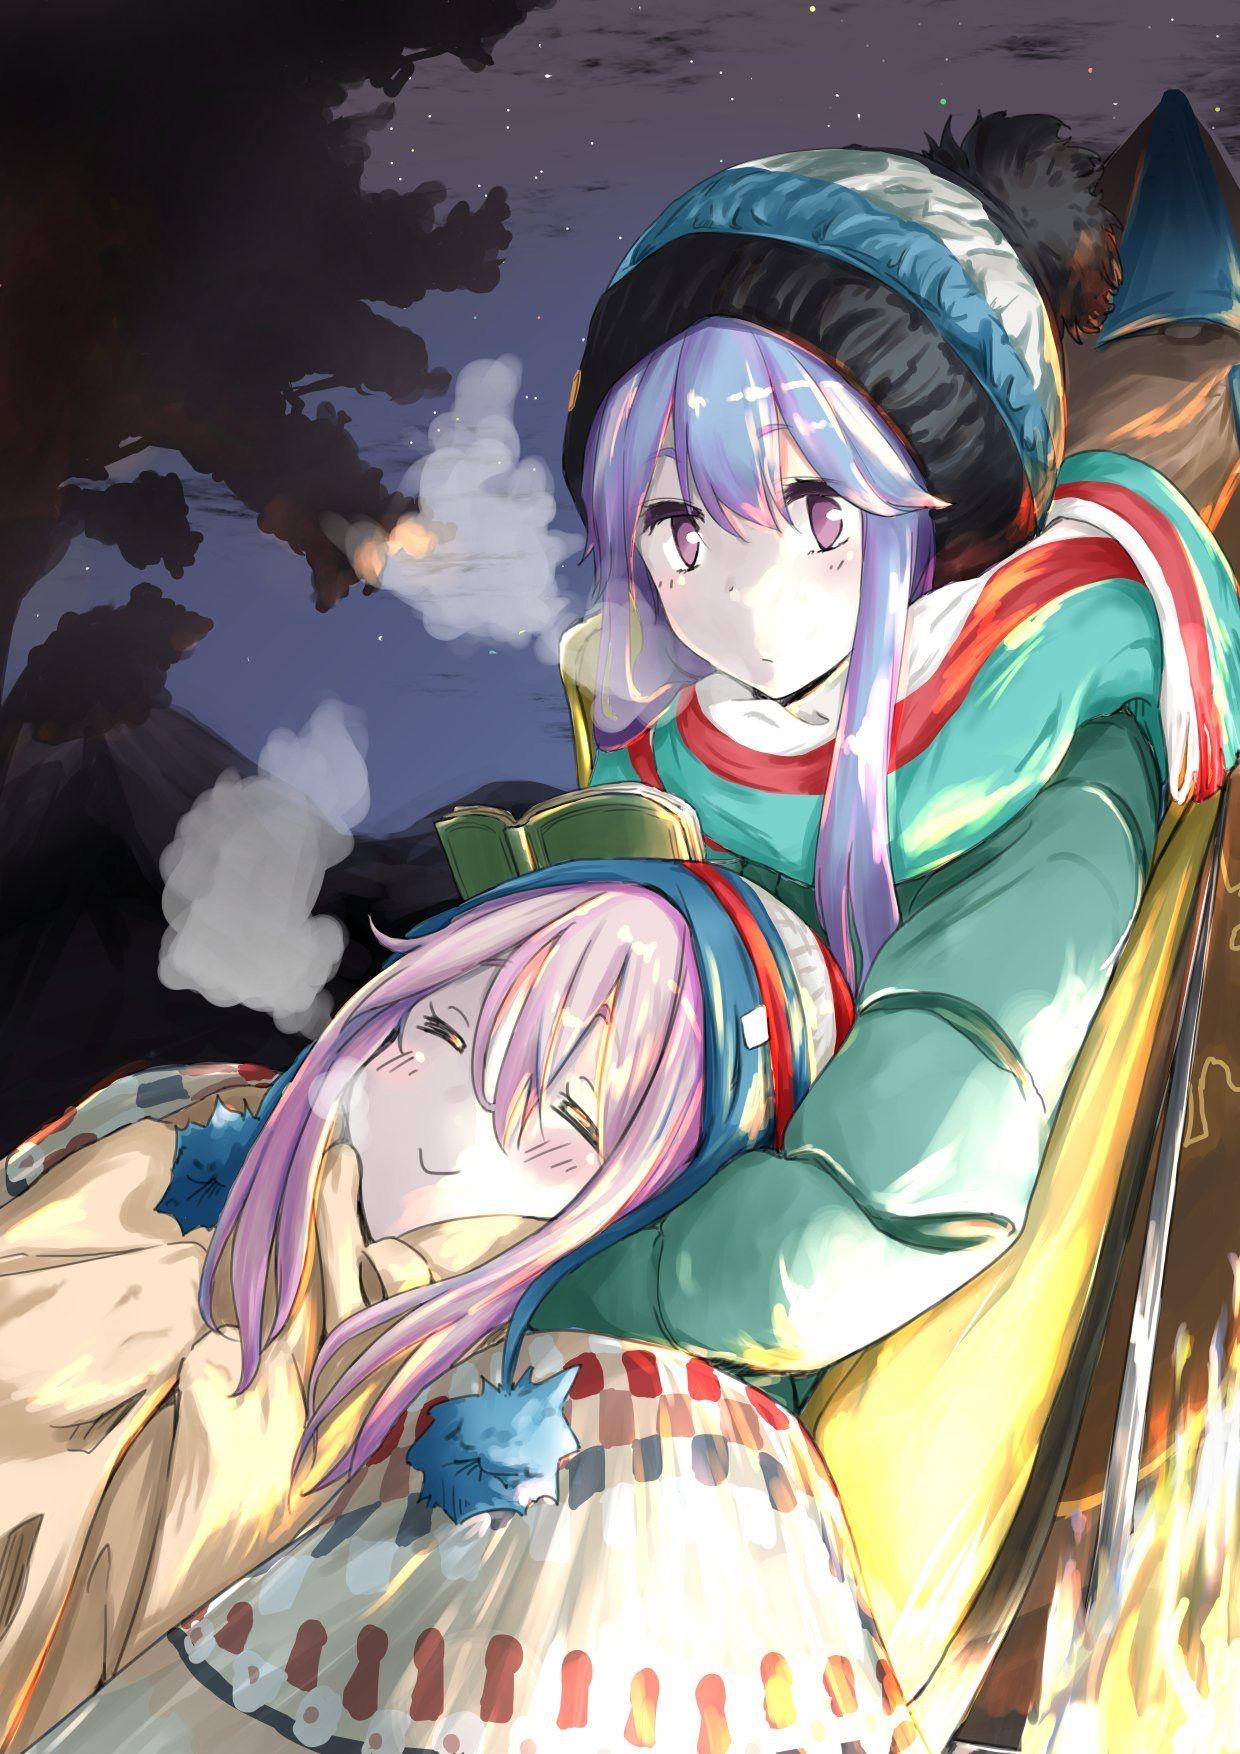 ゆるキャン△ / Yuru Camp Rin, Nadeshiko